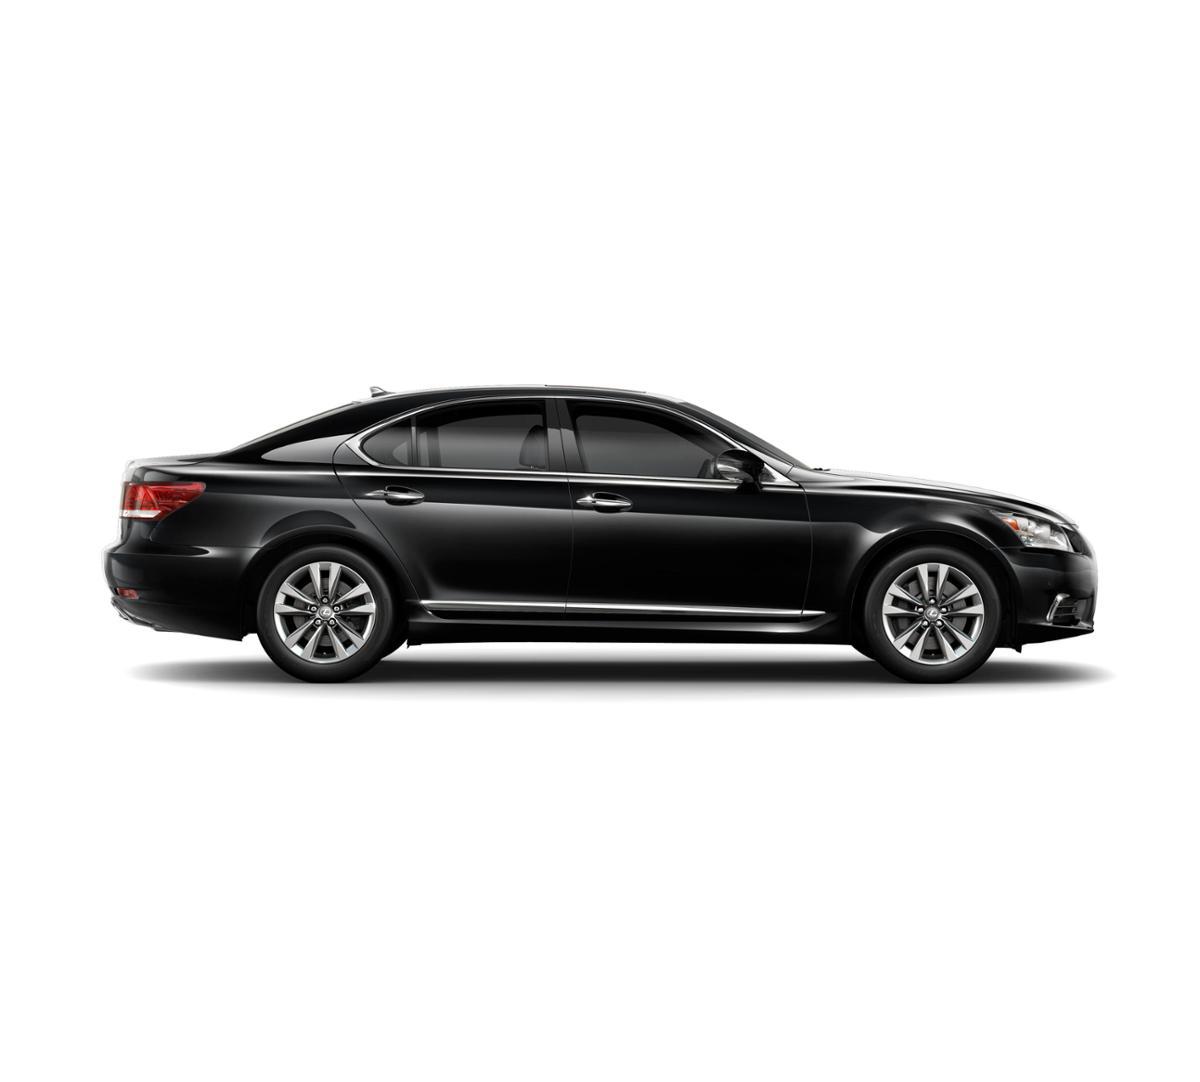 2013 Lexus 460 For Sale: Haldeman Lexus Of